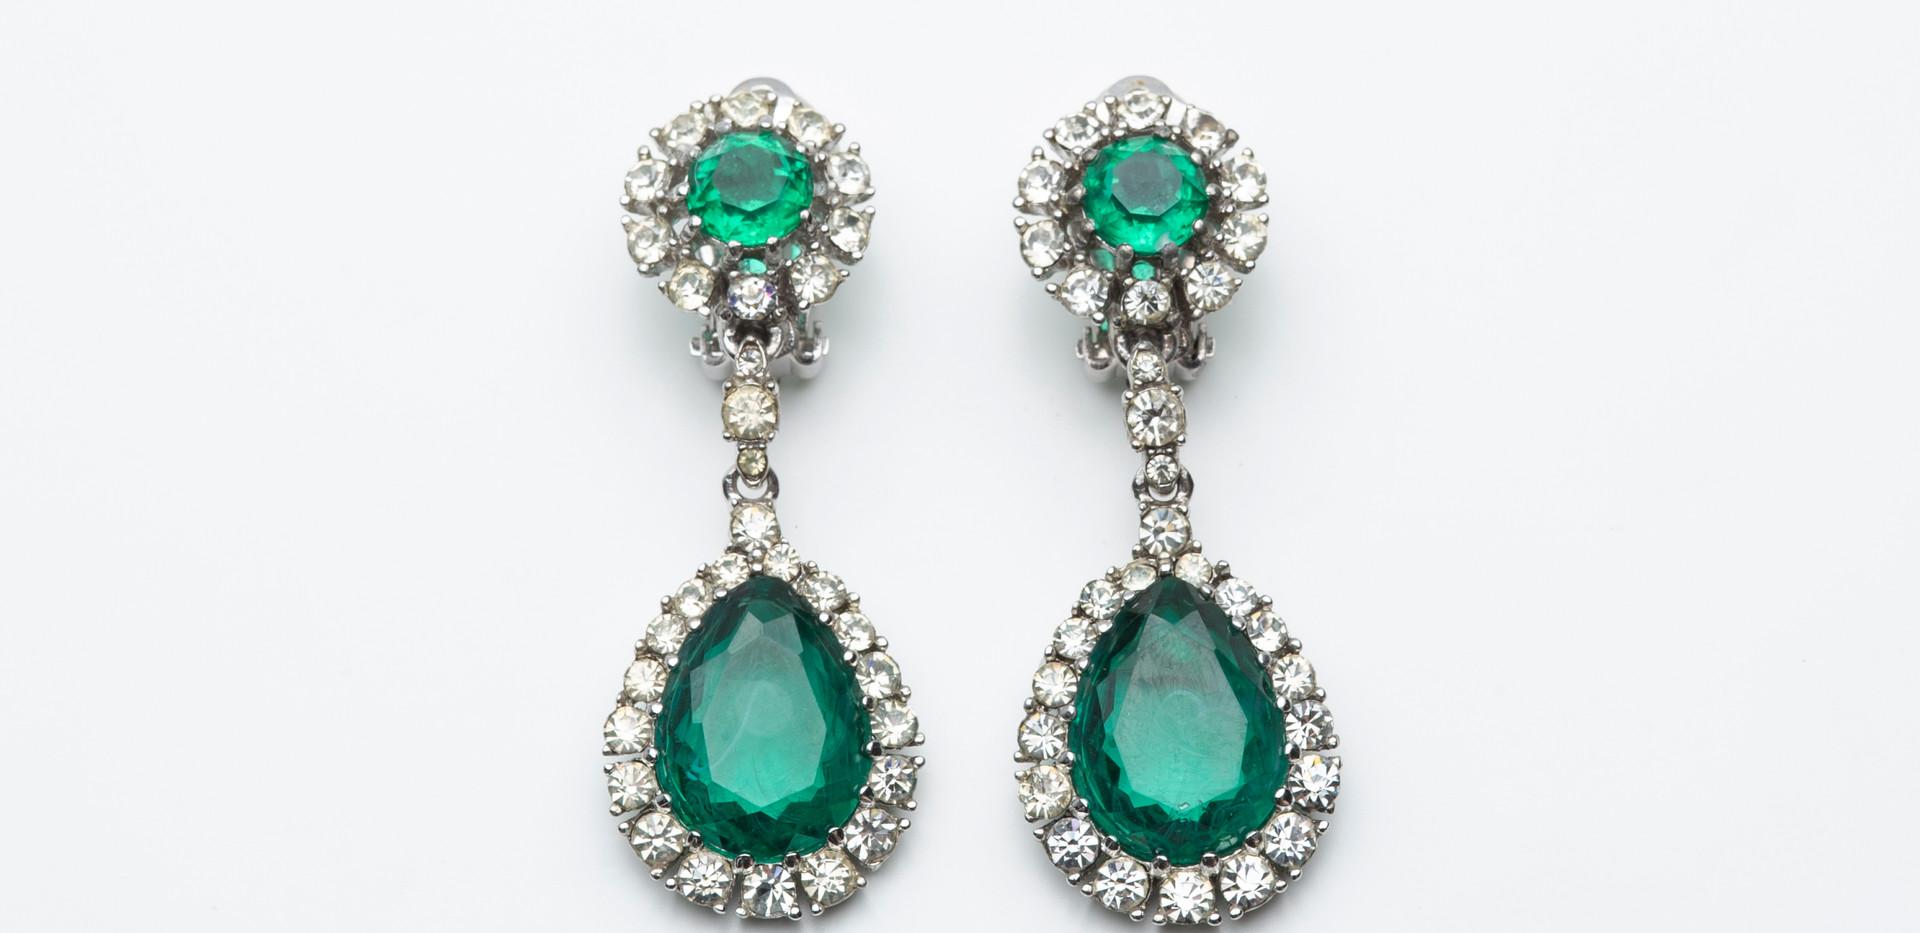 01142019-JewelryCatalogExample-1810.JPG